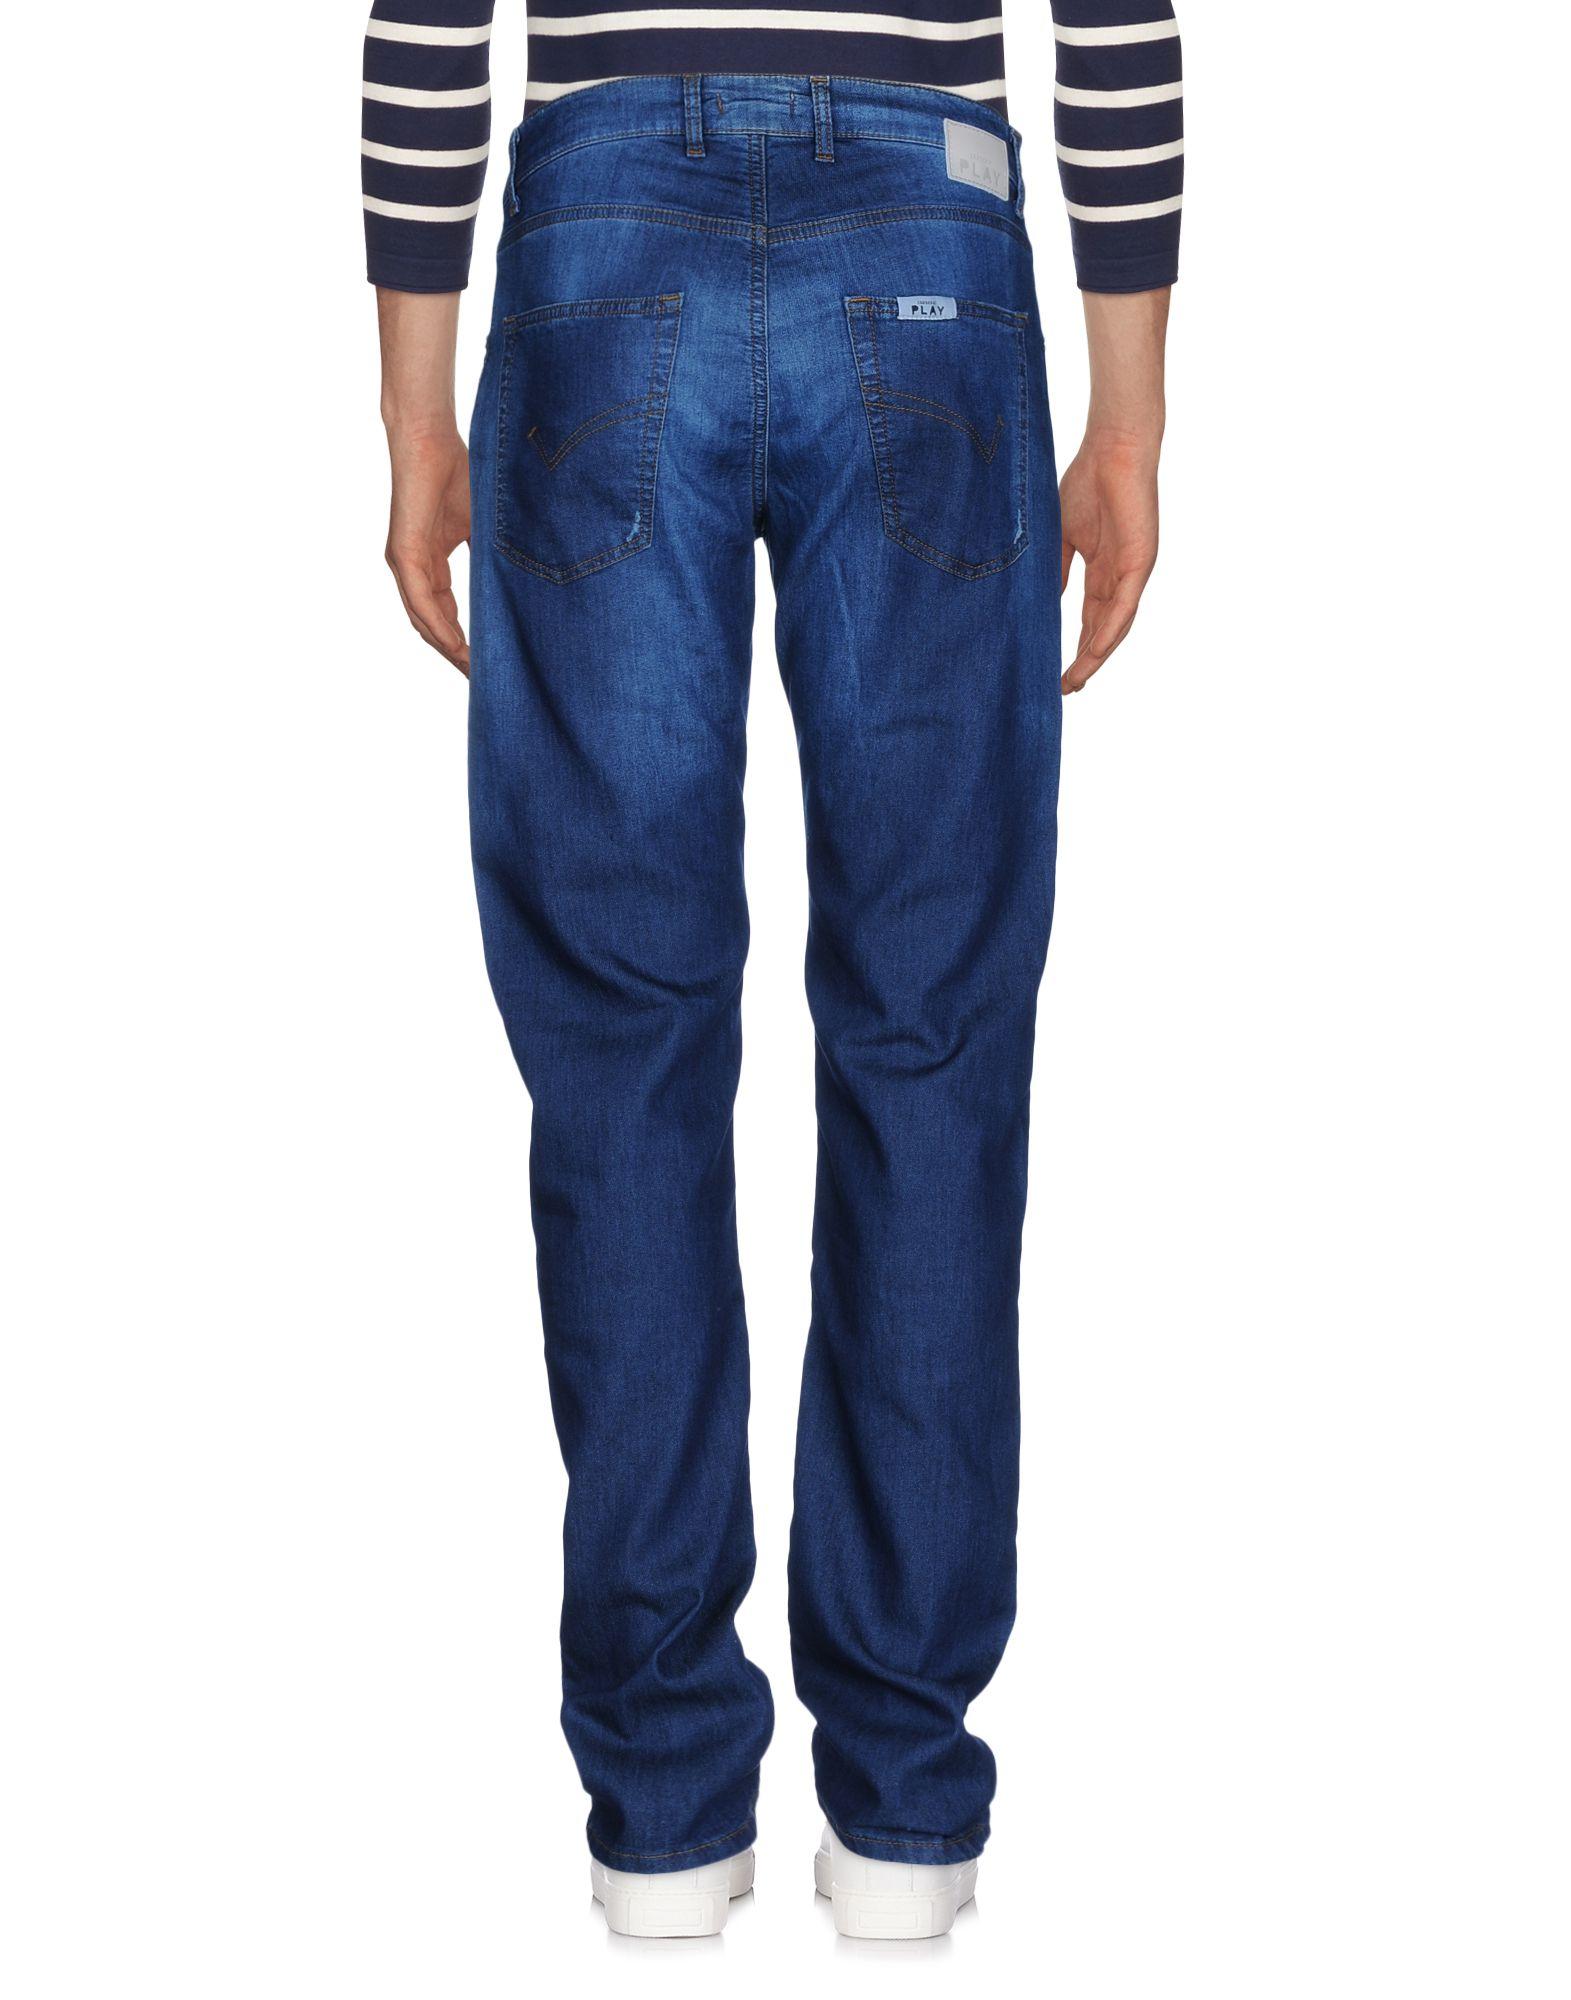 Pantaloni Jeans Jeans Pantaloni Carrera Uomo - 42629821UL 63e3f4